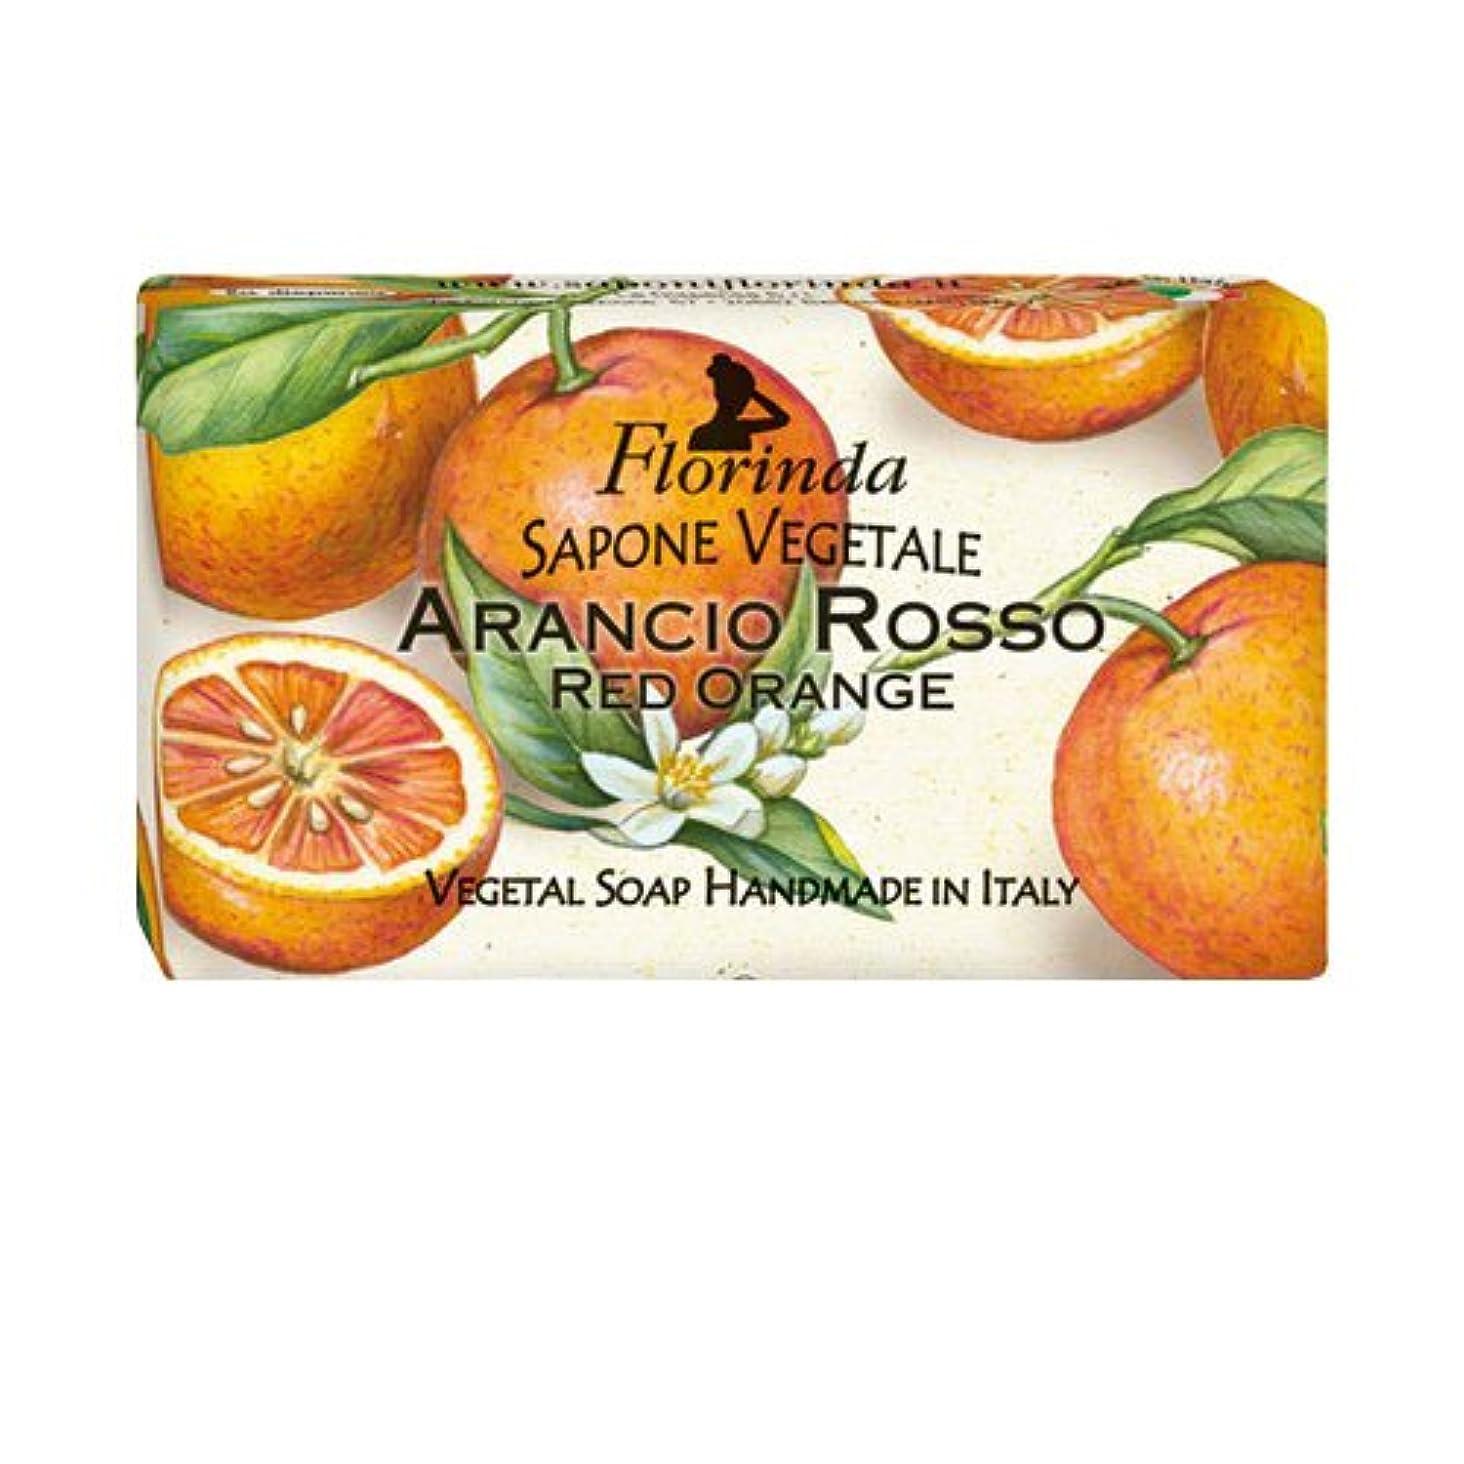 受け取るフラッシュのように素早くモードリンフロリンダ フレグランスソープ フルーツ レッドオレンジ 95g